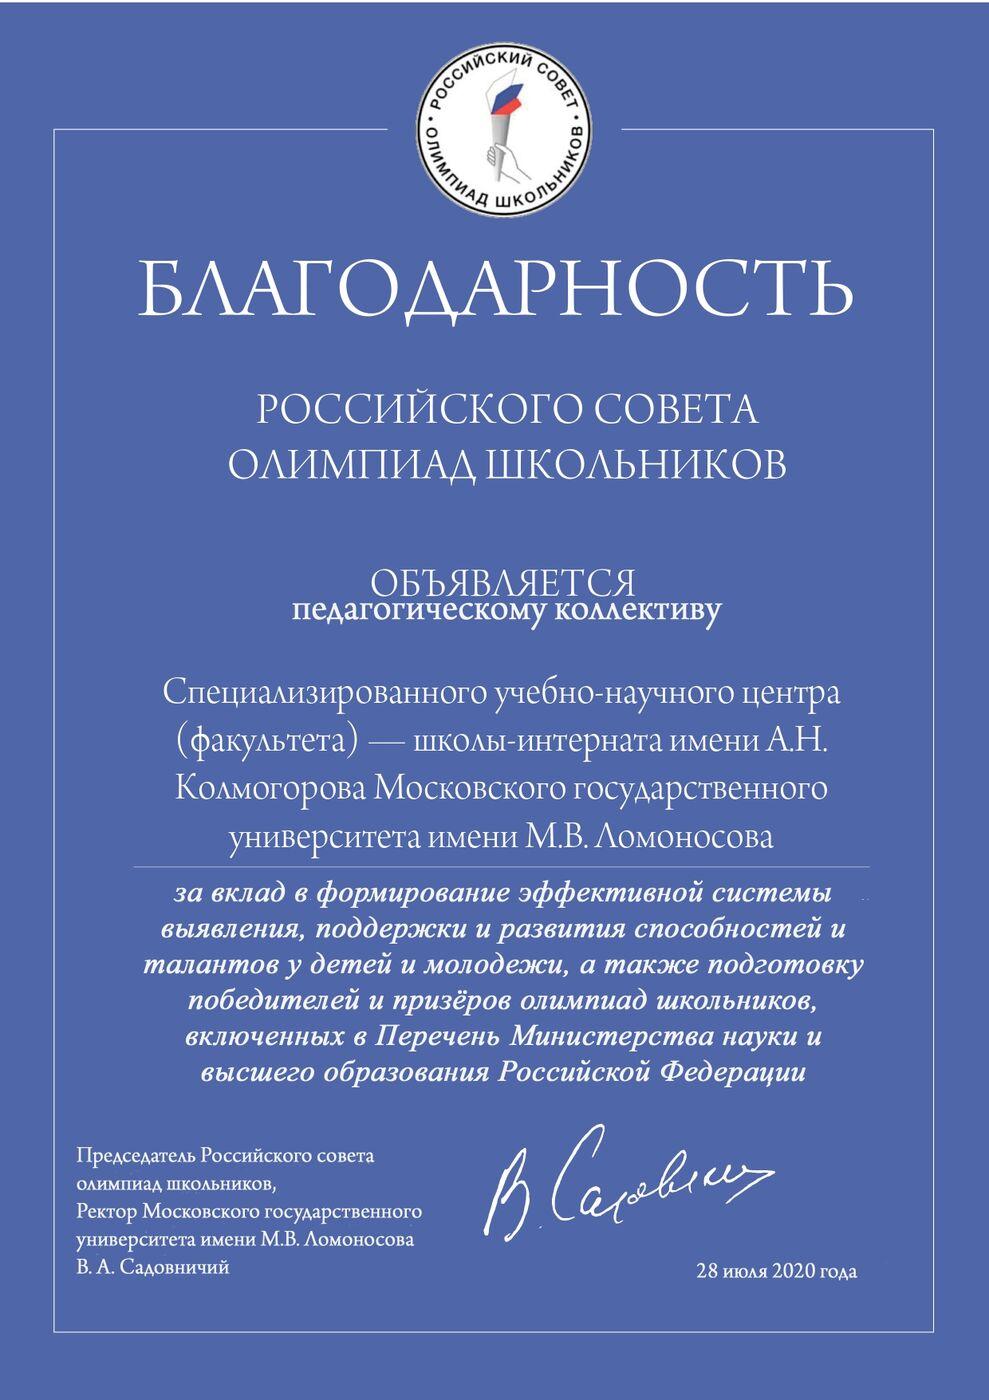 Благодарность от Российского совета олимпиад школьников